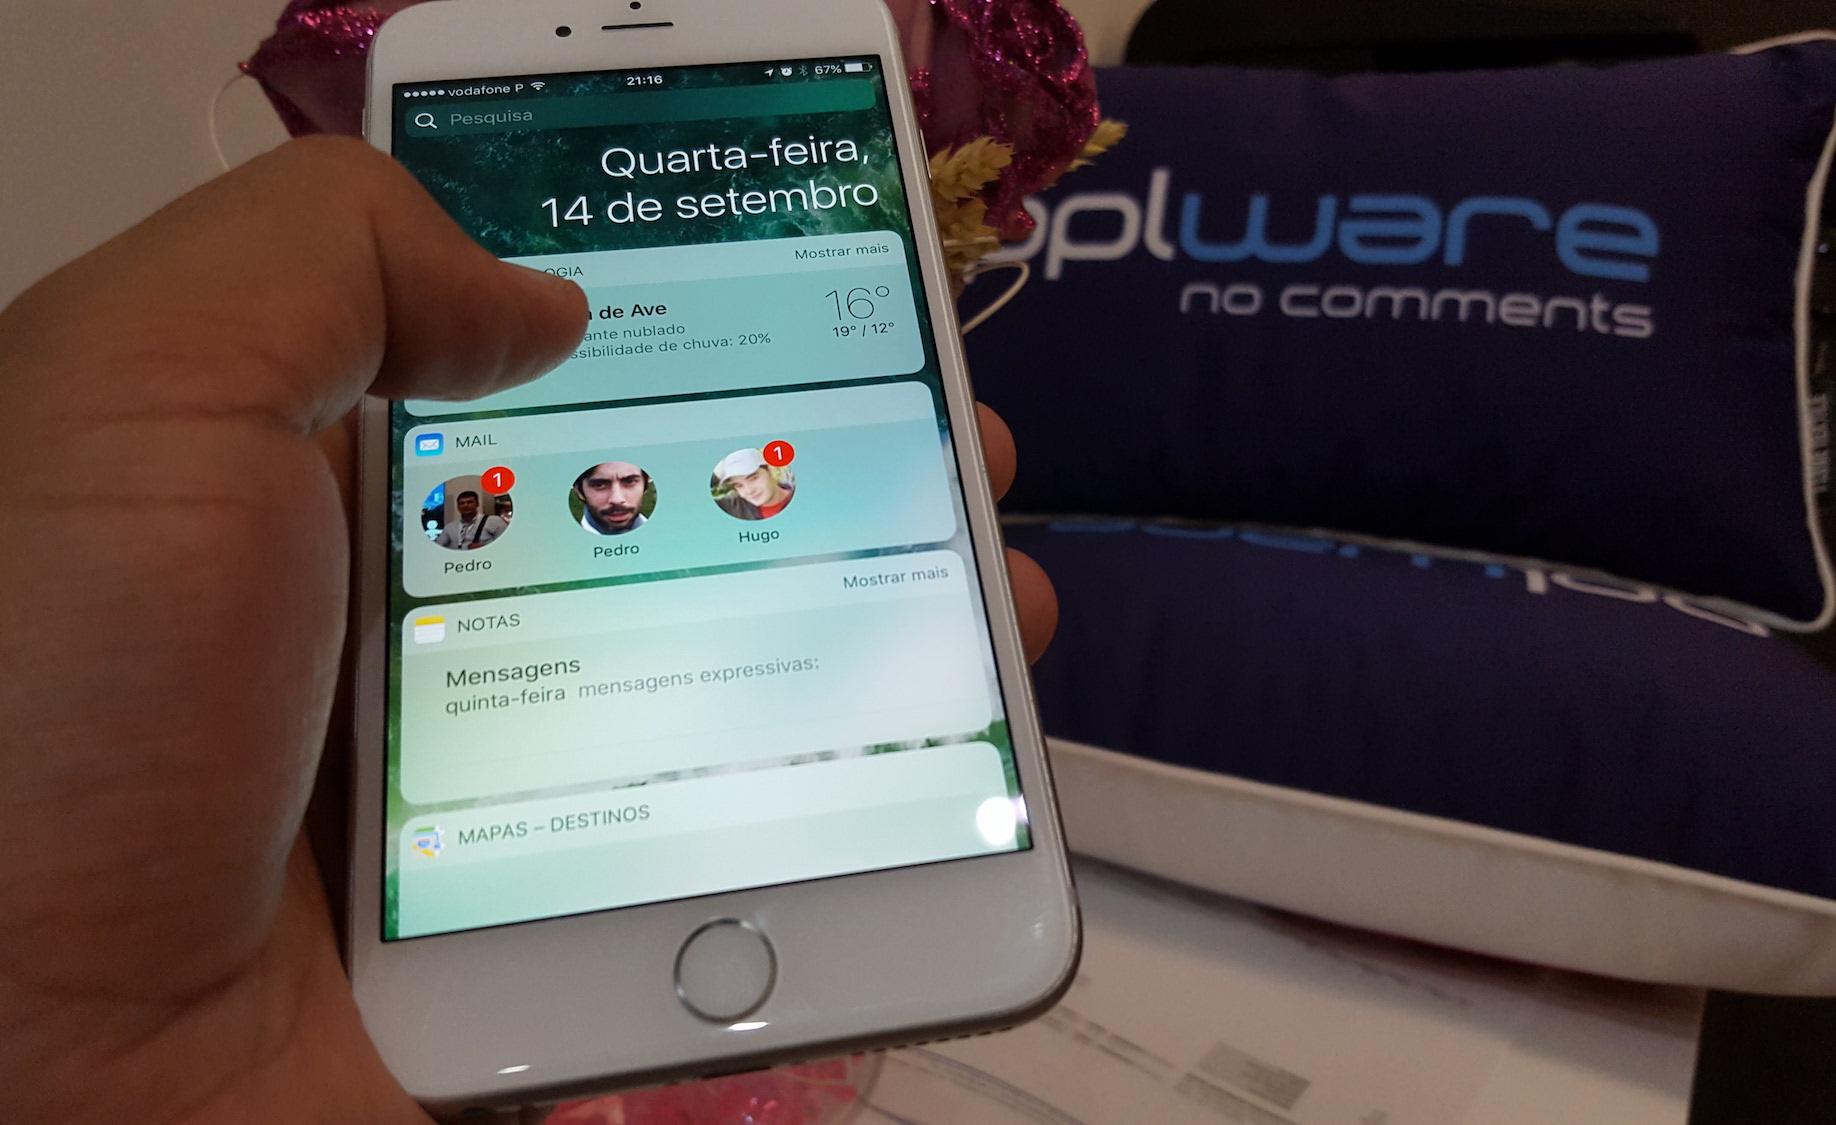 Resultado de imagem para Aprenda a programar o iPhone para desligar o som sozinho!